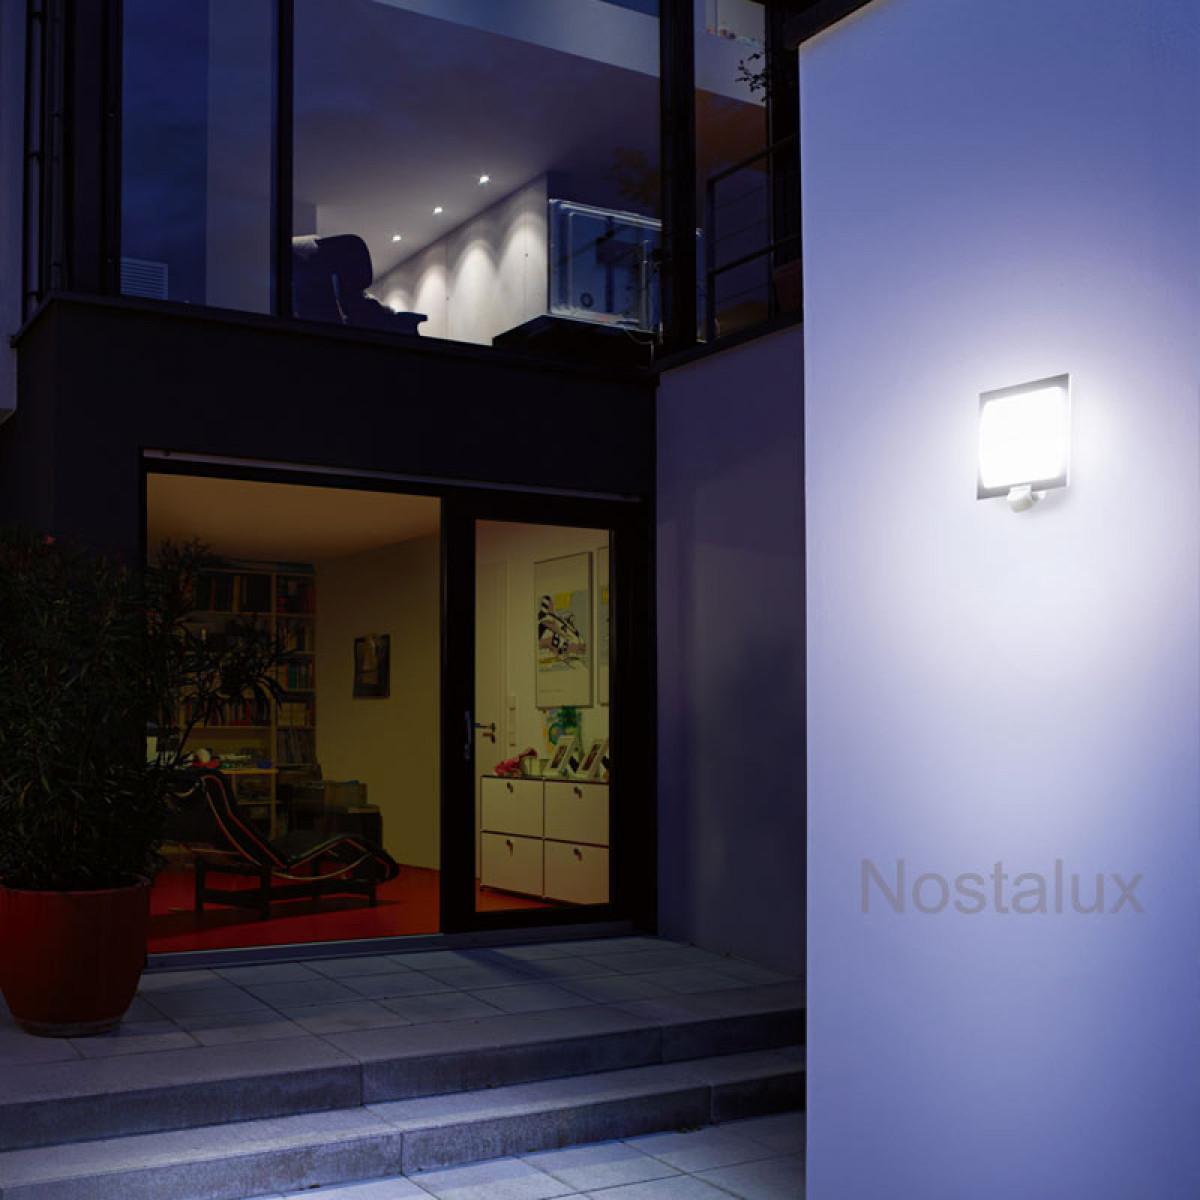 Steinel L20 S RVS sensorlamp (S566814) - Steinel - Sensorverlichting Modern en Strak